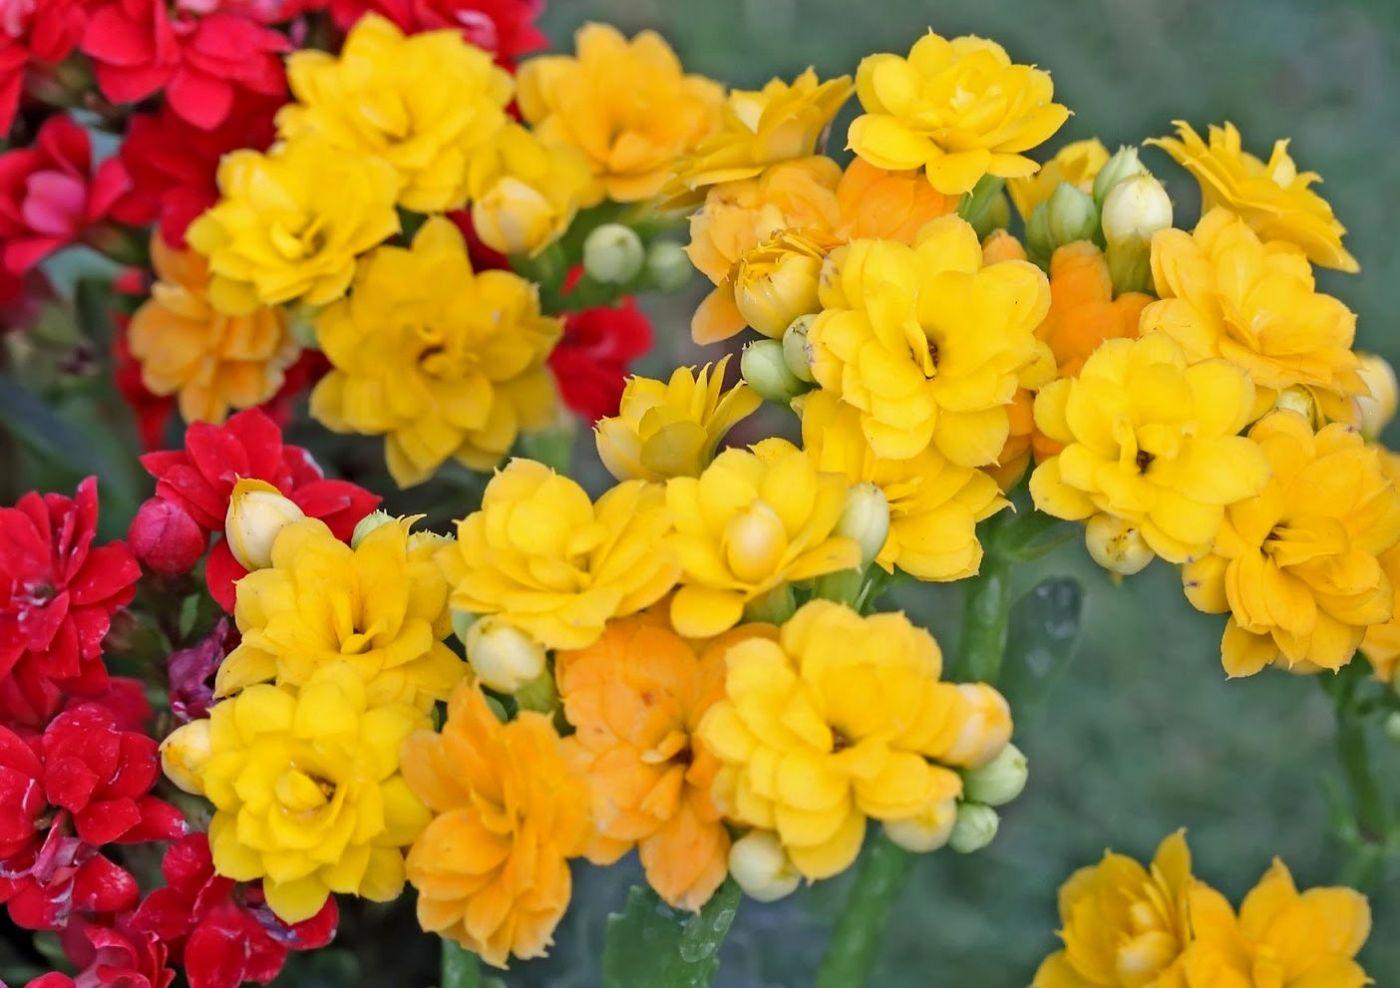 班加罗尔植物园--看花观鸟_图1-28